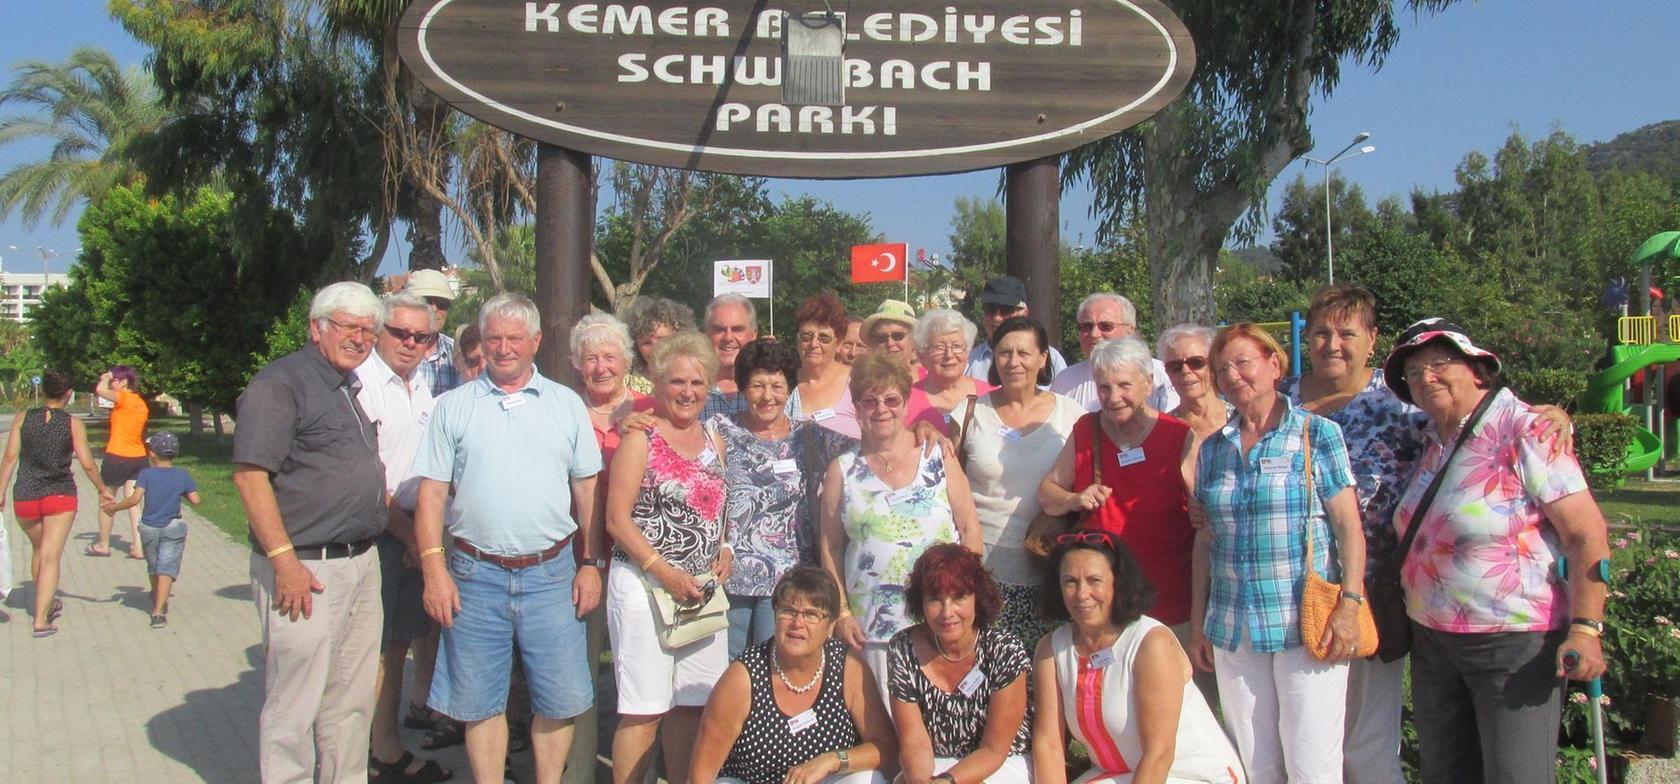 """Demonstration der Verbundenheit (I). Im Herbst hatte sich die Schwabacher Reisedelegation zum Gruppenfoto im """"Schwabach-Park"""" in Kemer versammelt."""